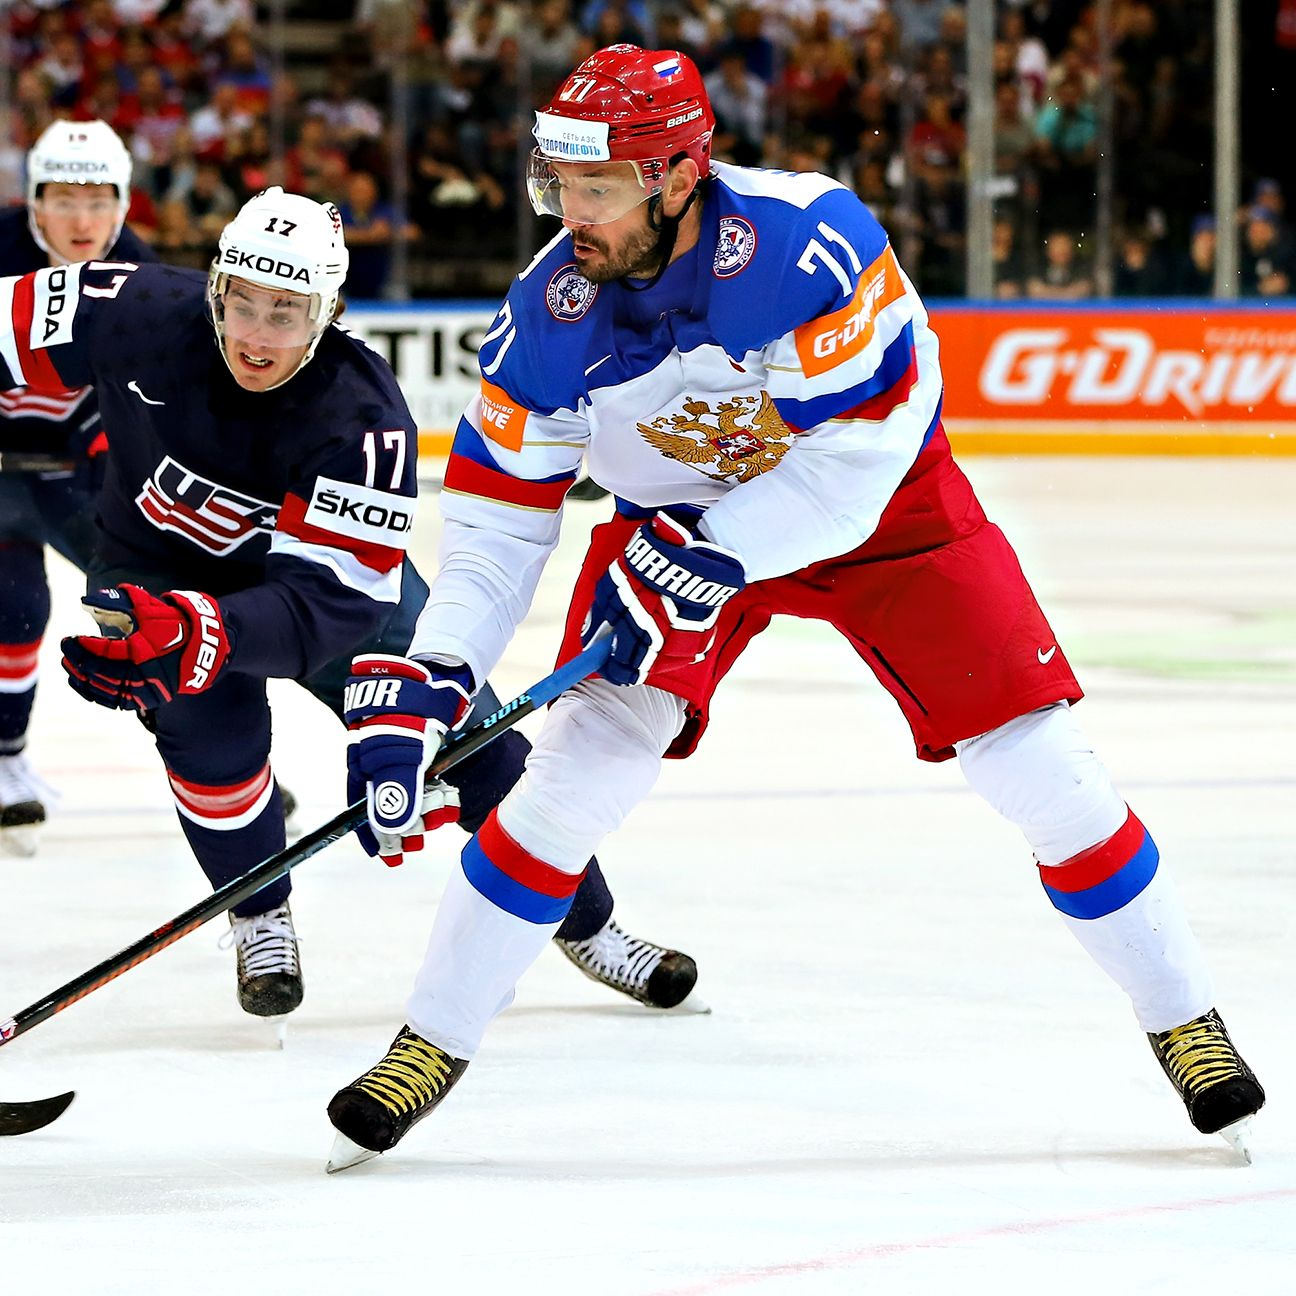 На днях, сборная россии по хоккею в пятый раз выиграла чемпионат мира